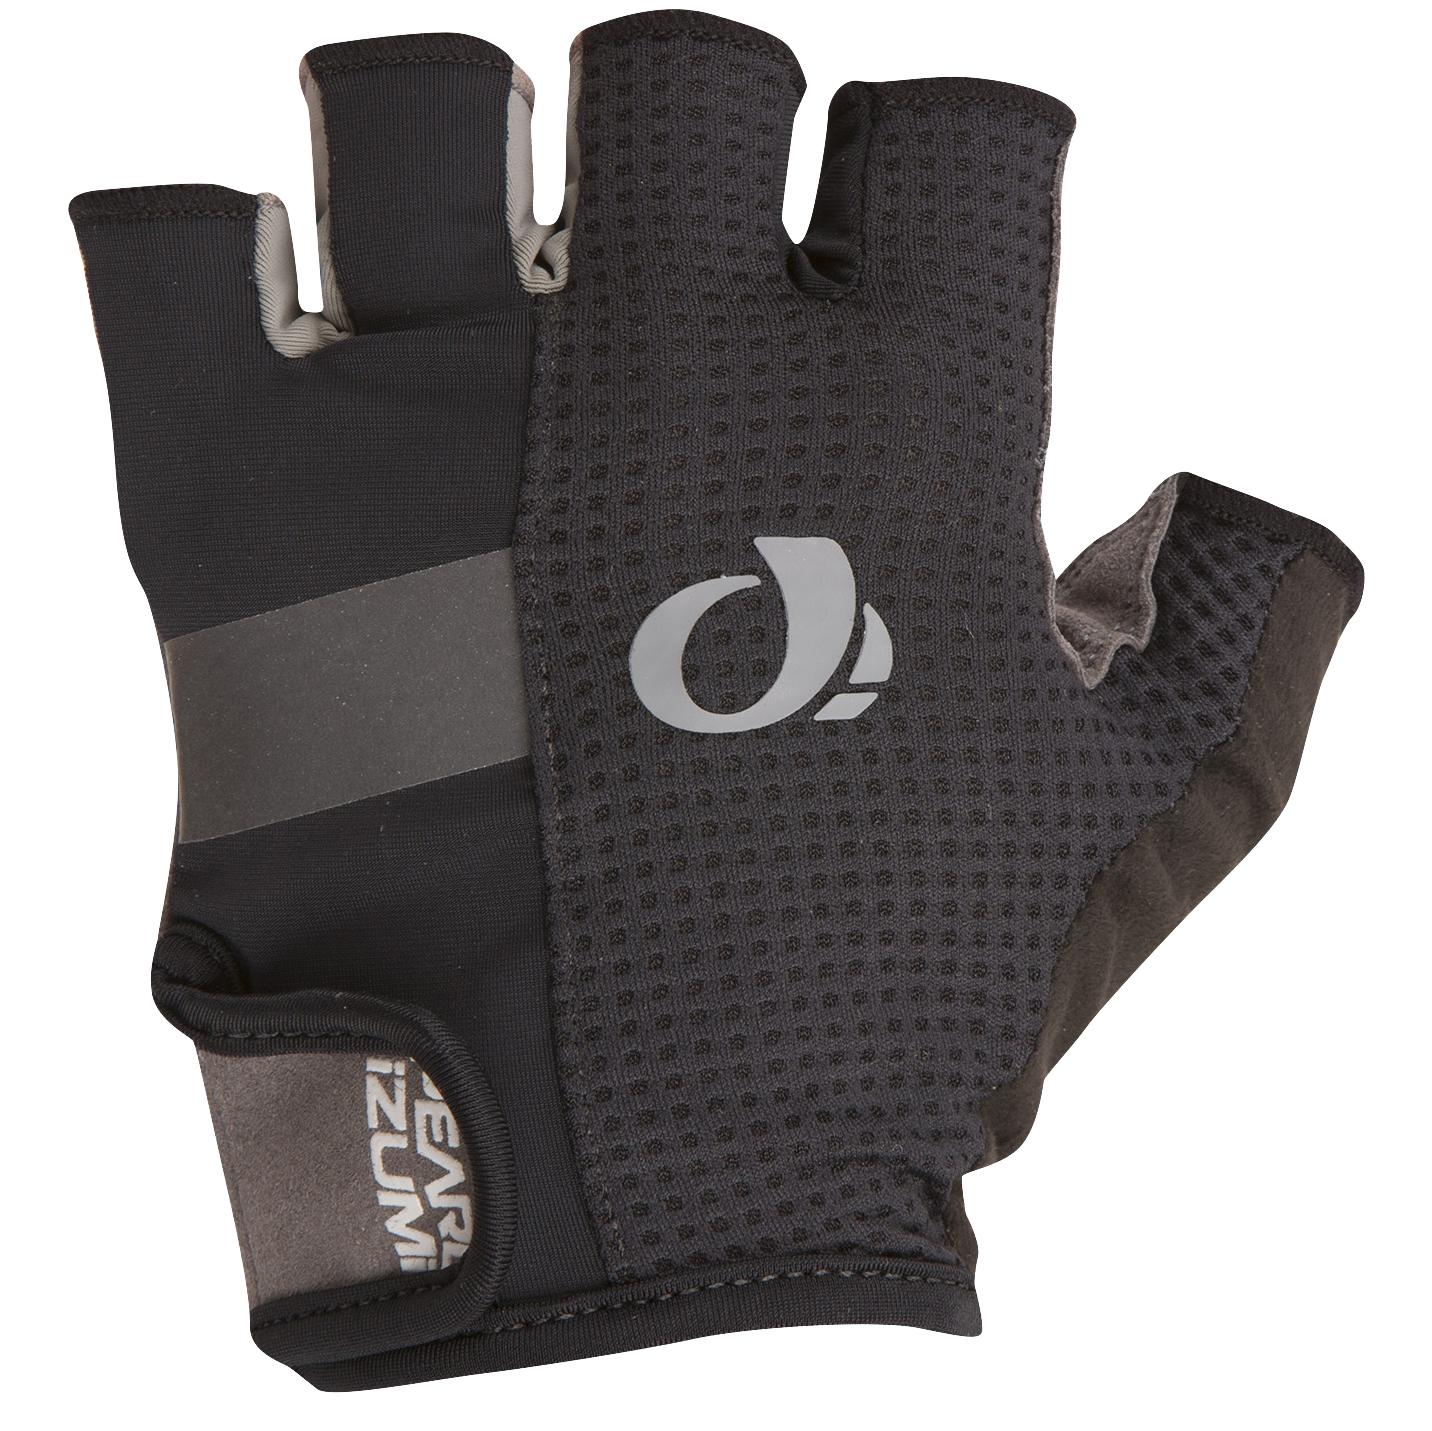 Fingerless gloves edmonton - Fingerless Gloves Edmonton 10